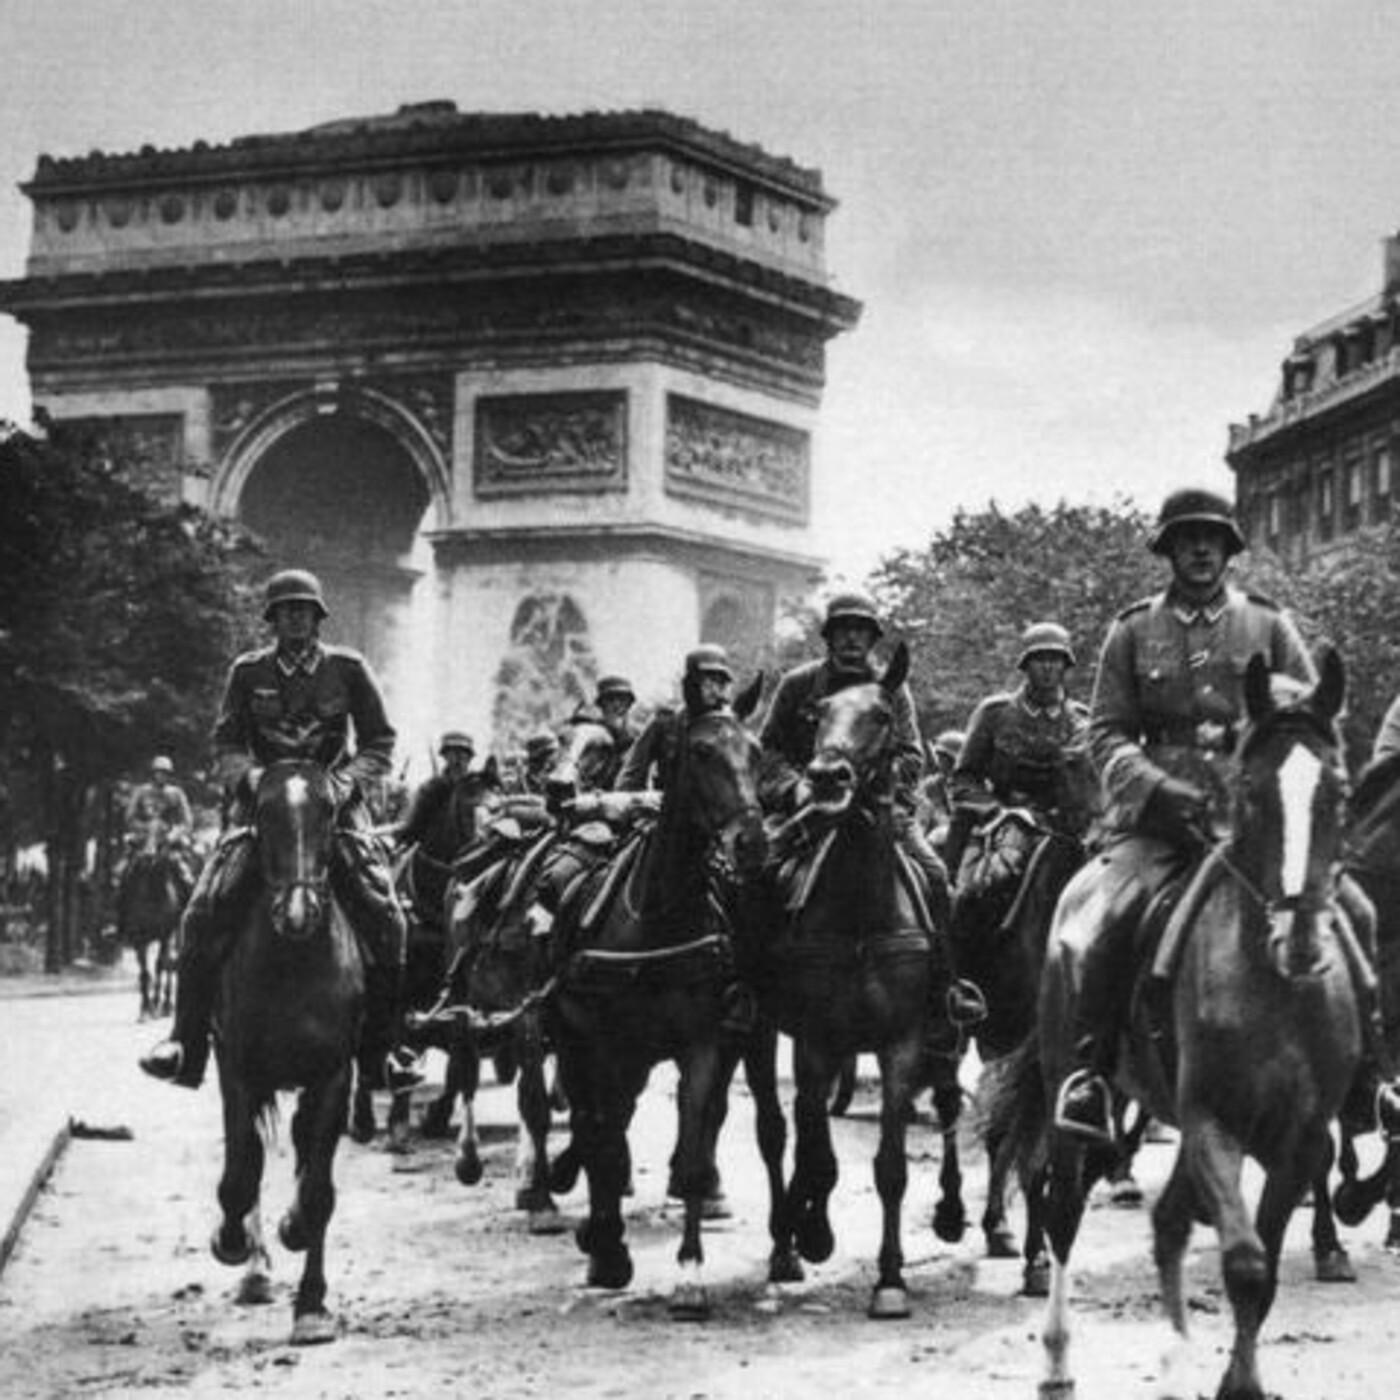 Alemania Triunfante en la Segunda Guerra Mundial